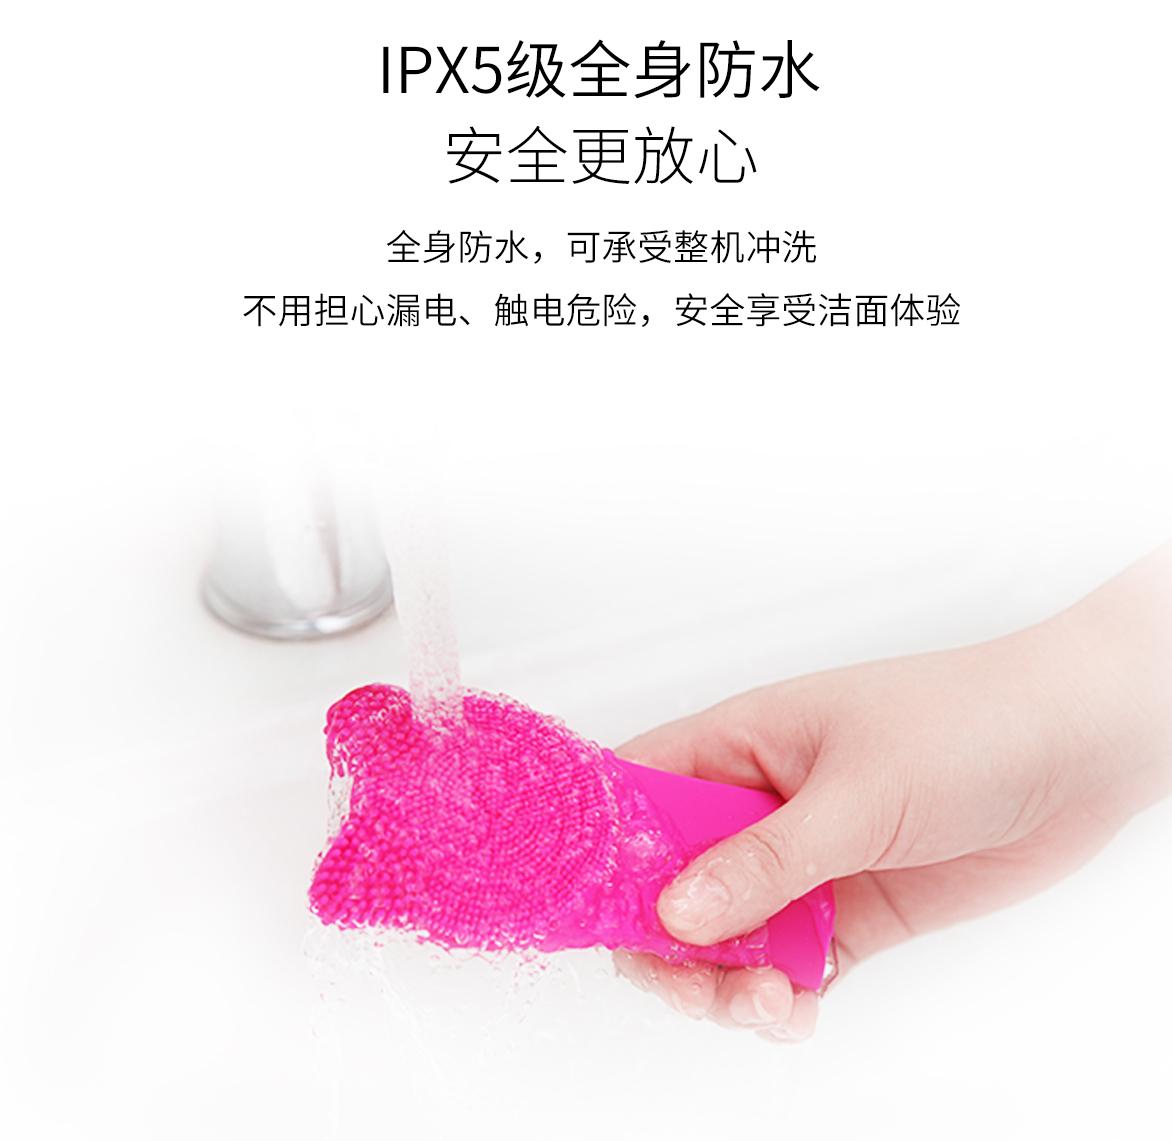 KAKUSAN 卡酷尚硅胶洁面仪防水设计